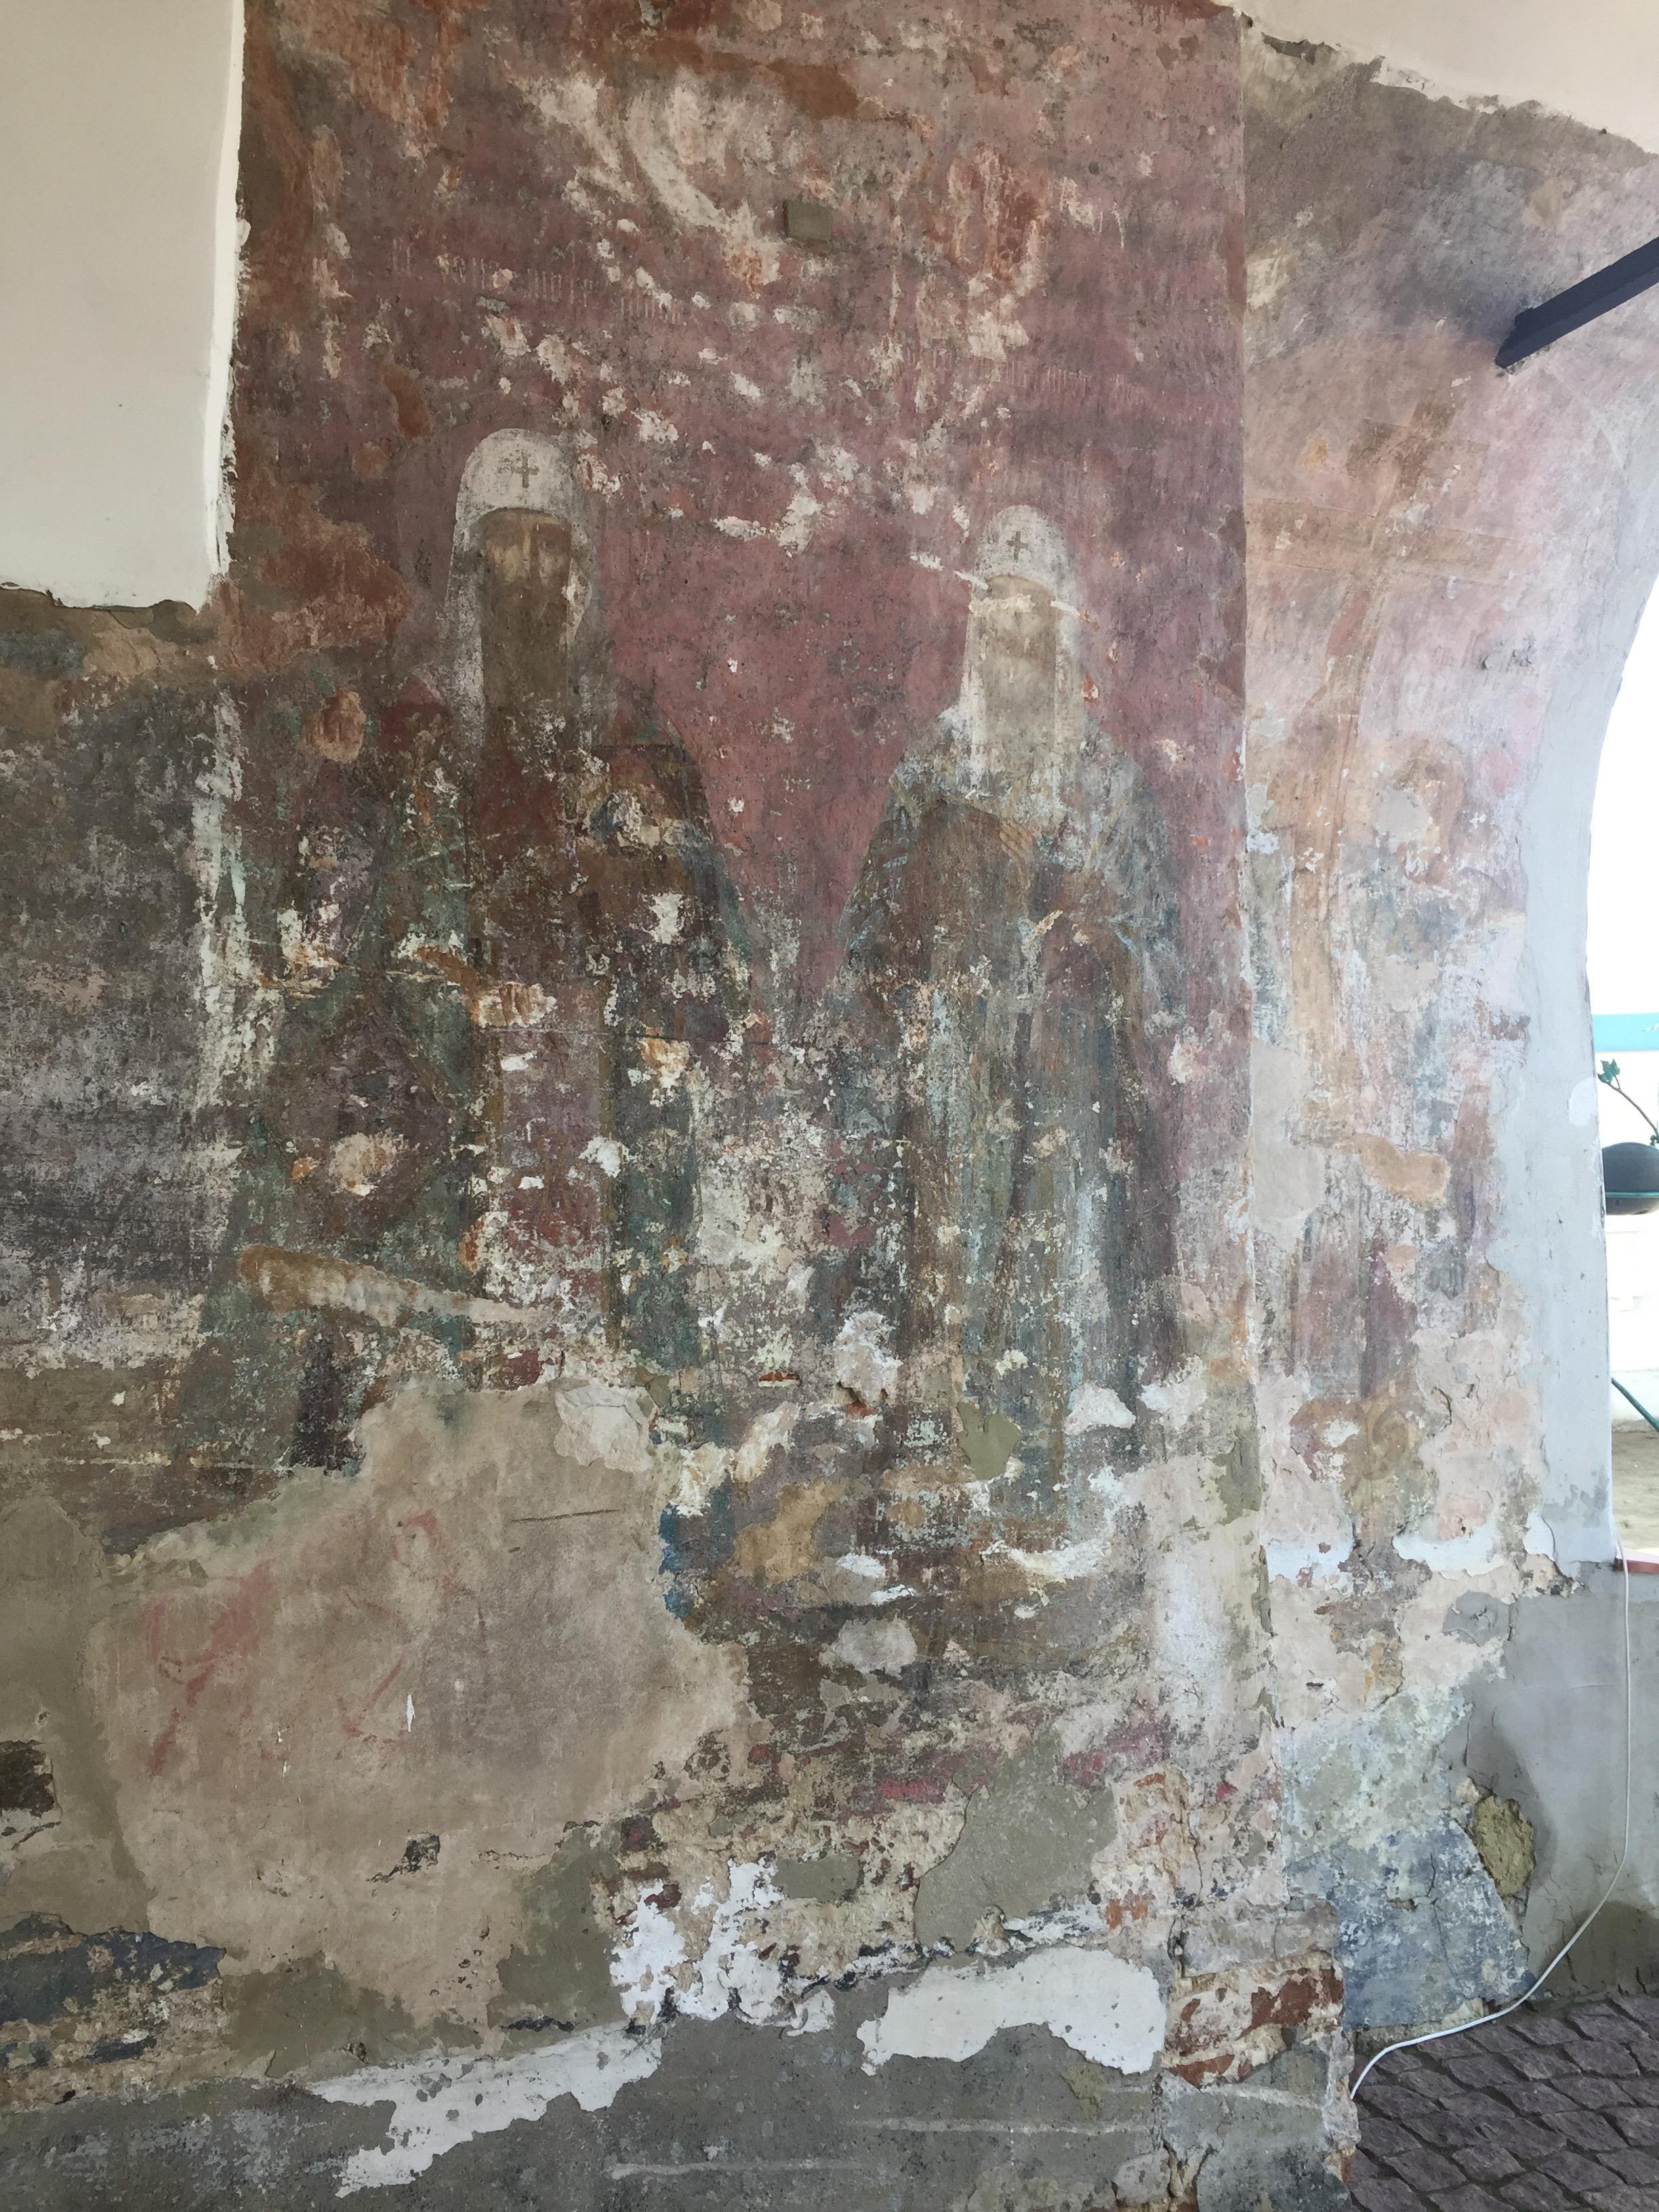 モルチェンスキー修道院の激しくはがれた壁画